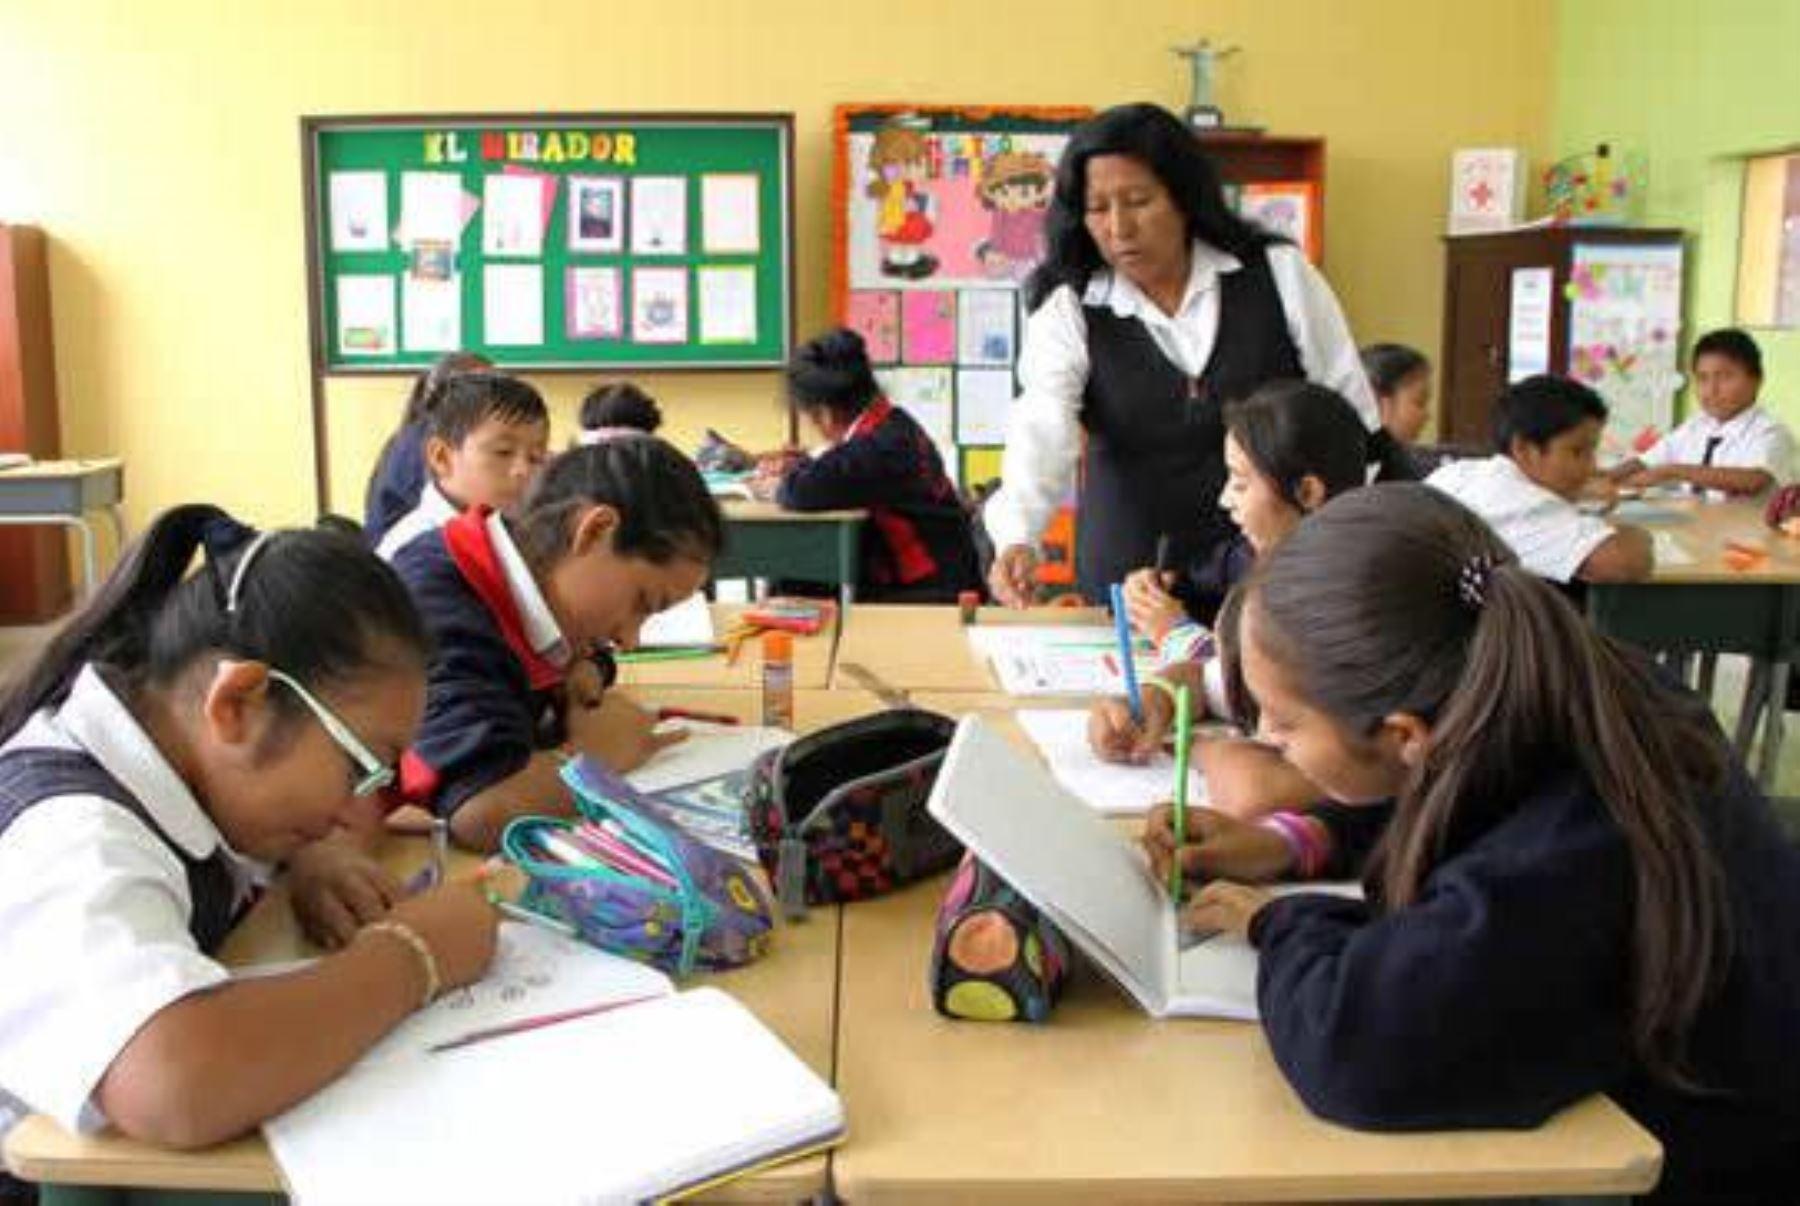 Consejo de Ministros empezó discusión para declarar en emergencia educación en el país